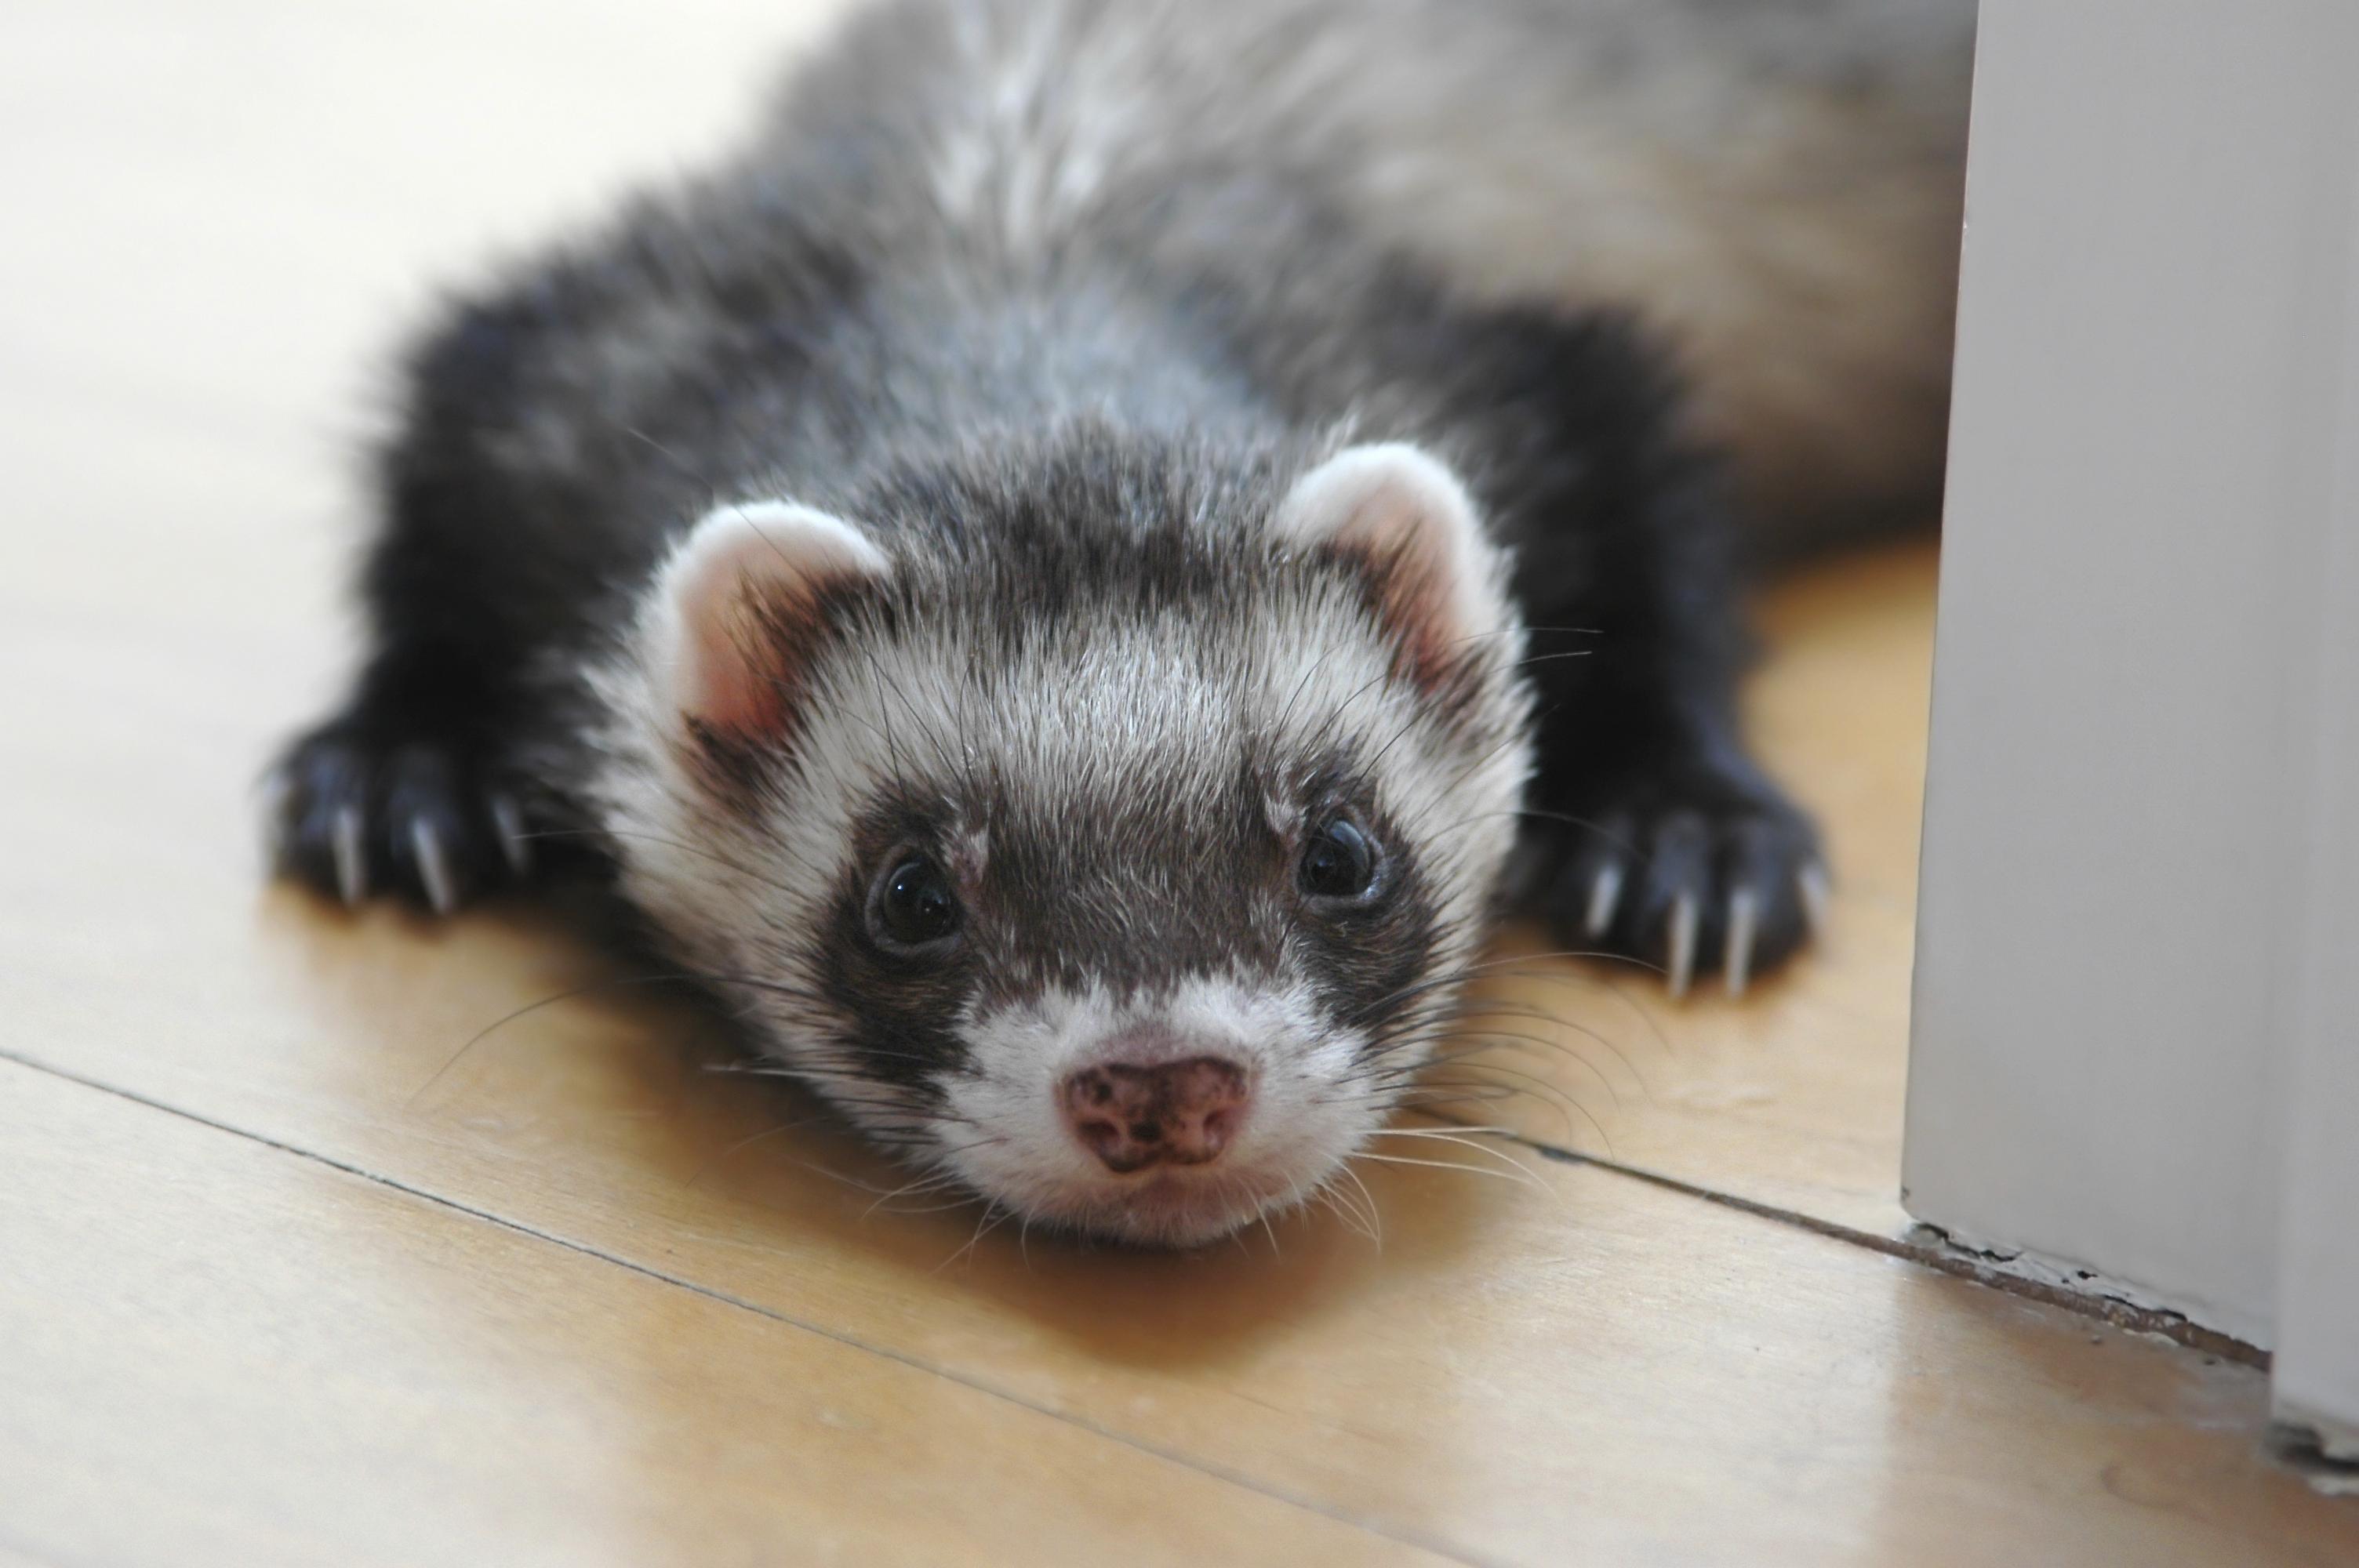 pet ferret on floor